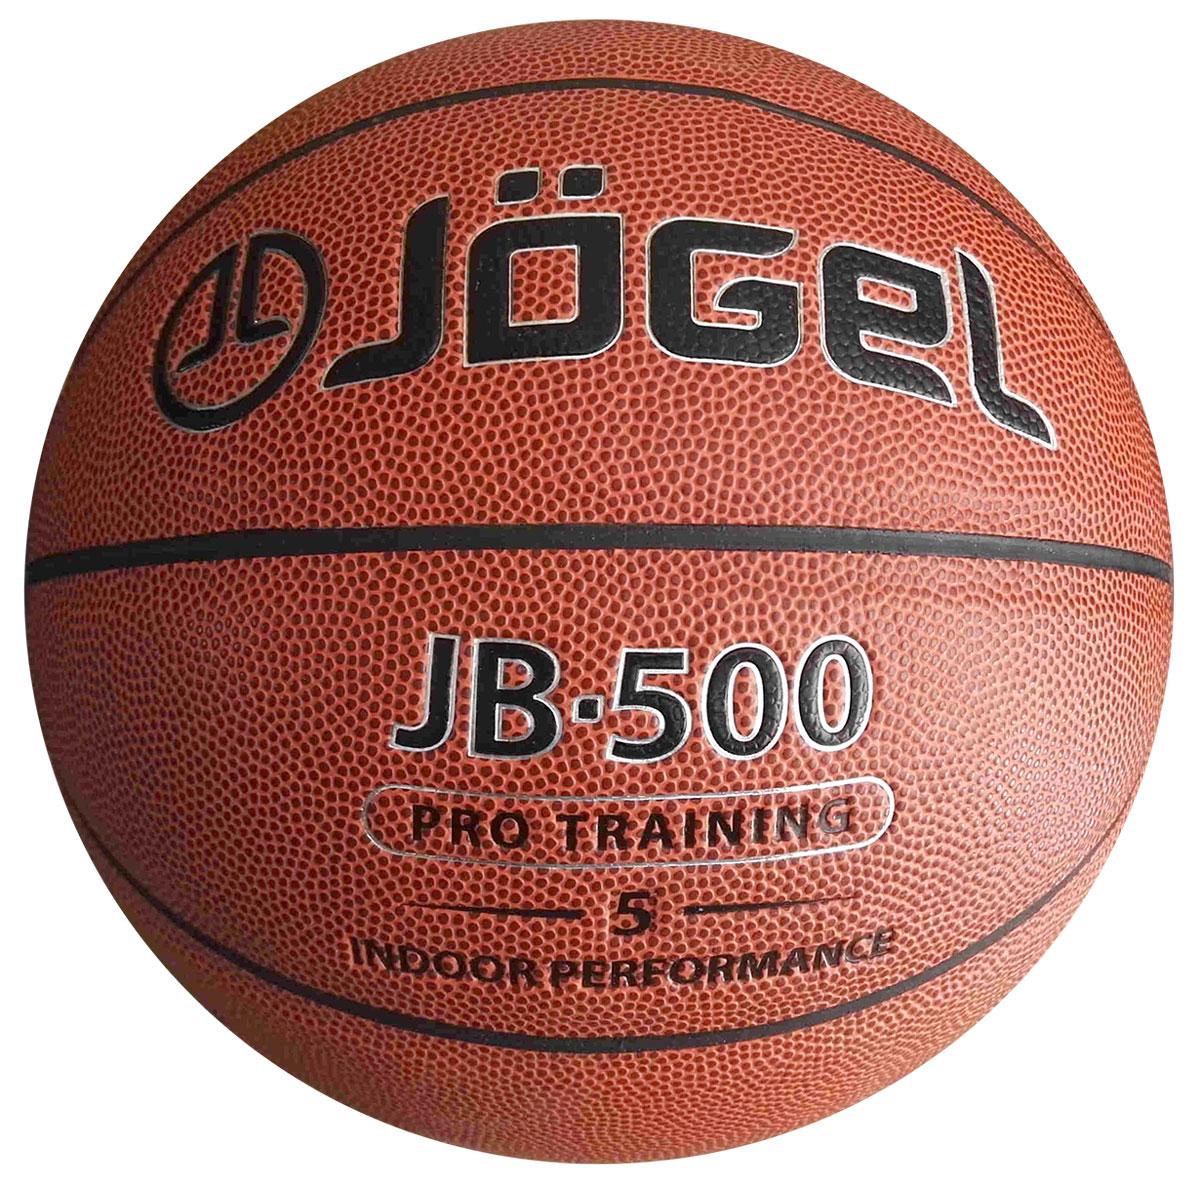 Мяч баскетбольный  Jogel , цвет: коричневый. Размер 5. JB-500 - Баскетбол